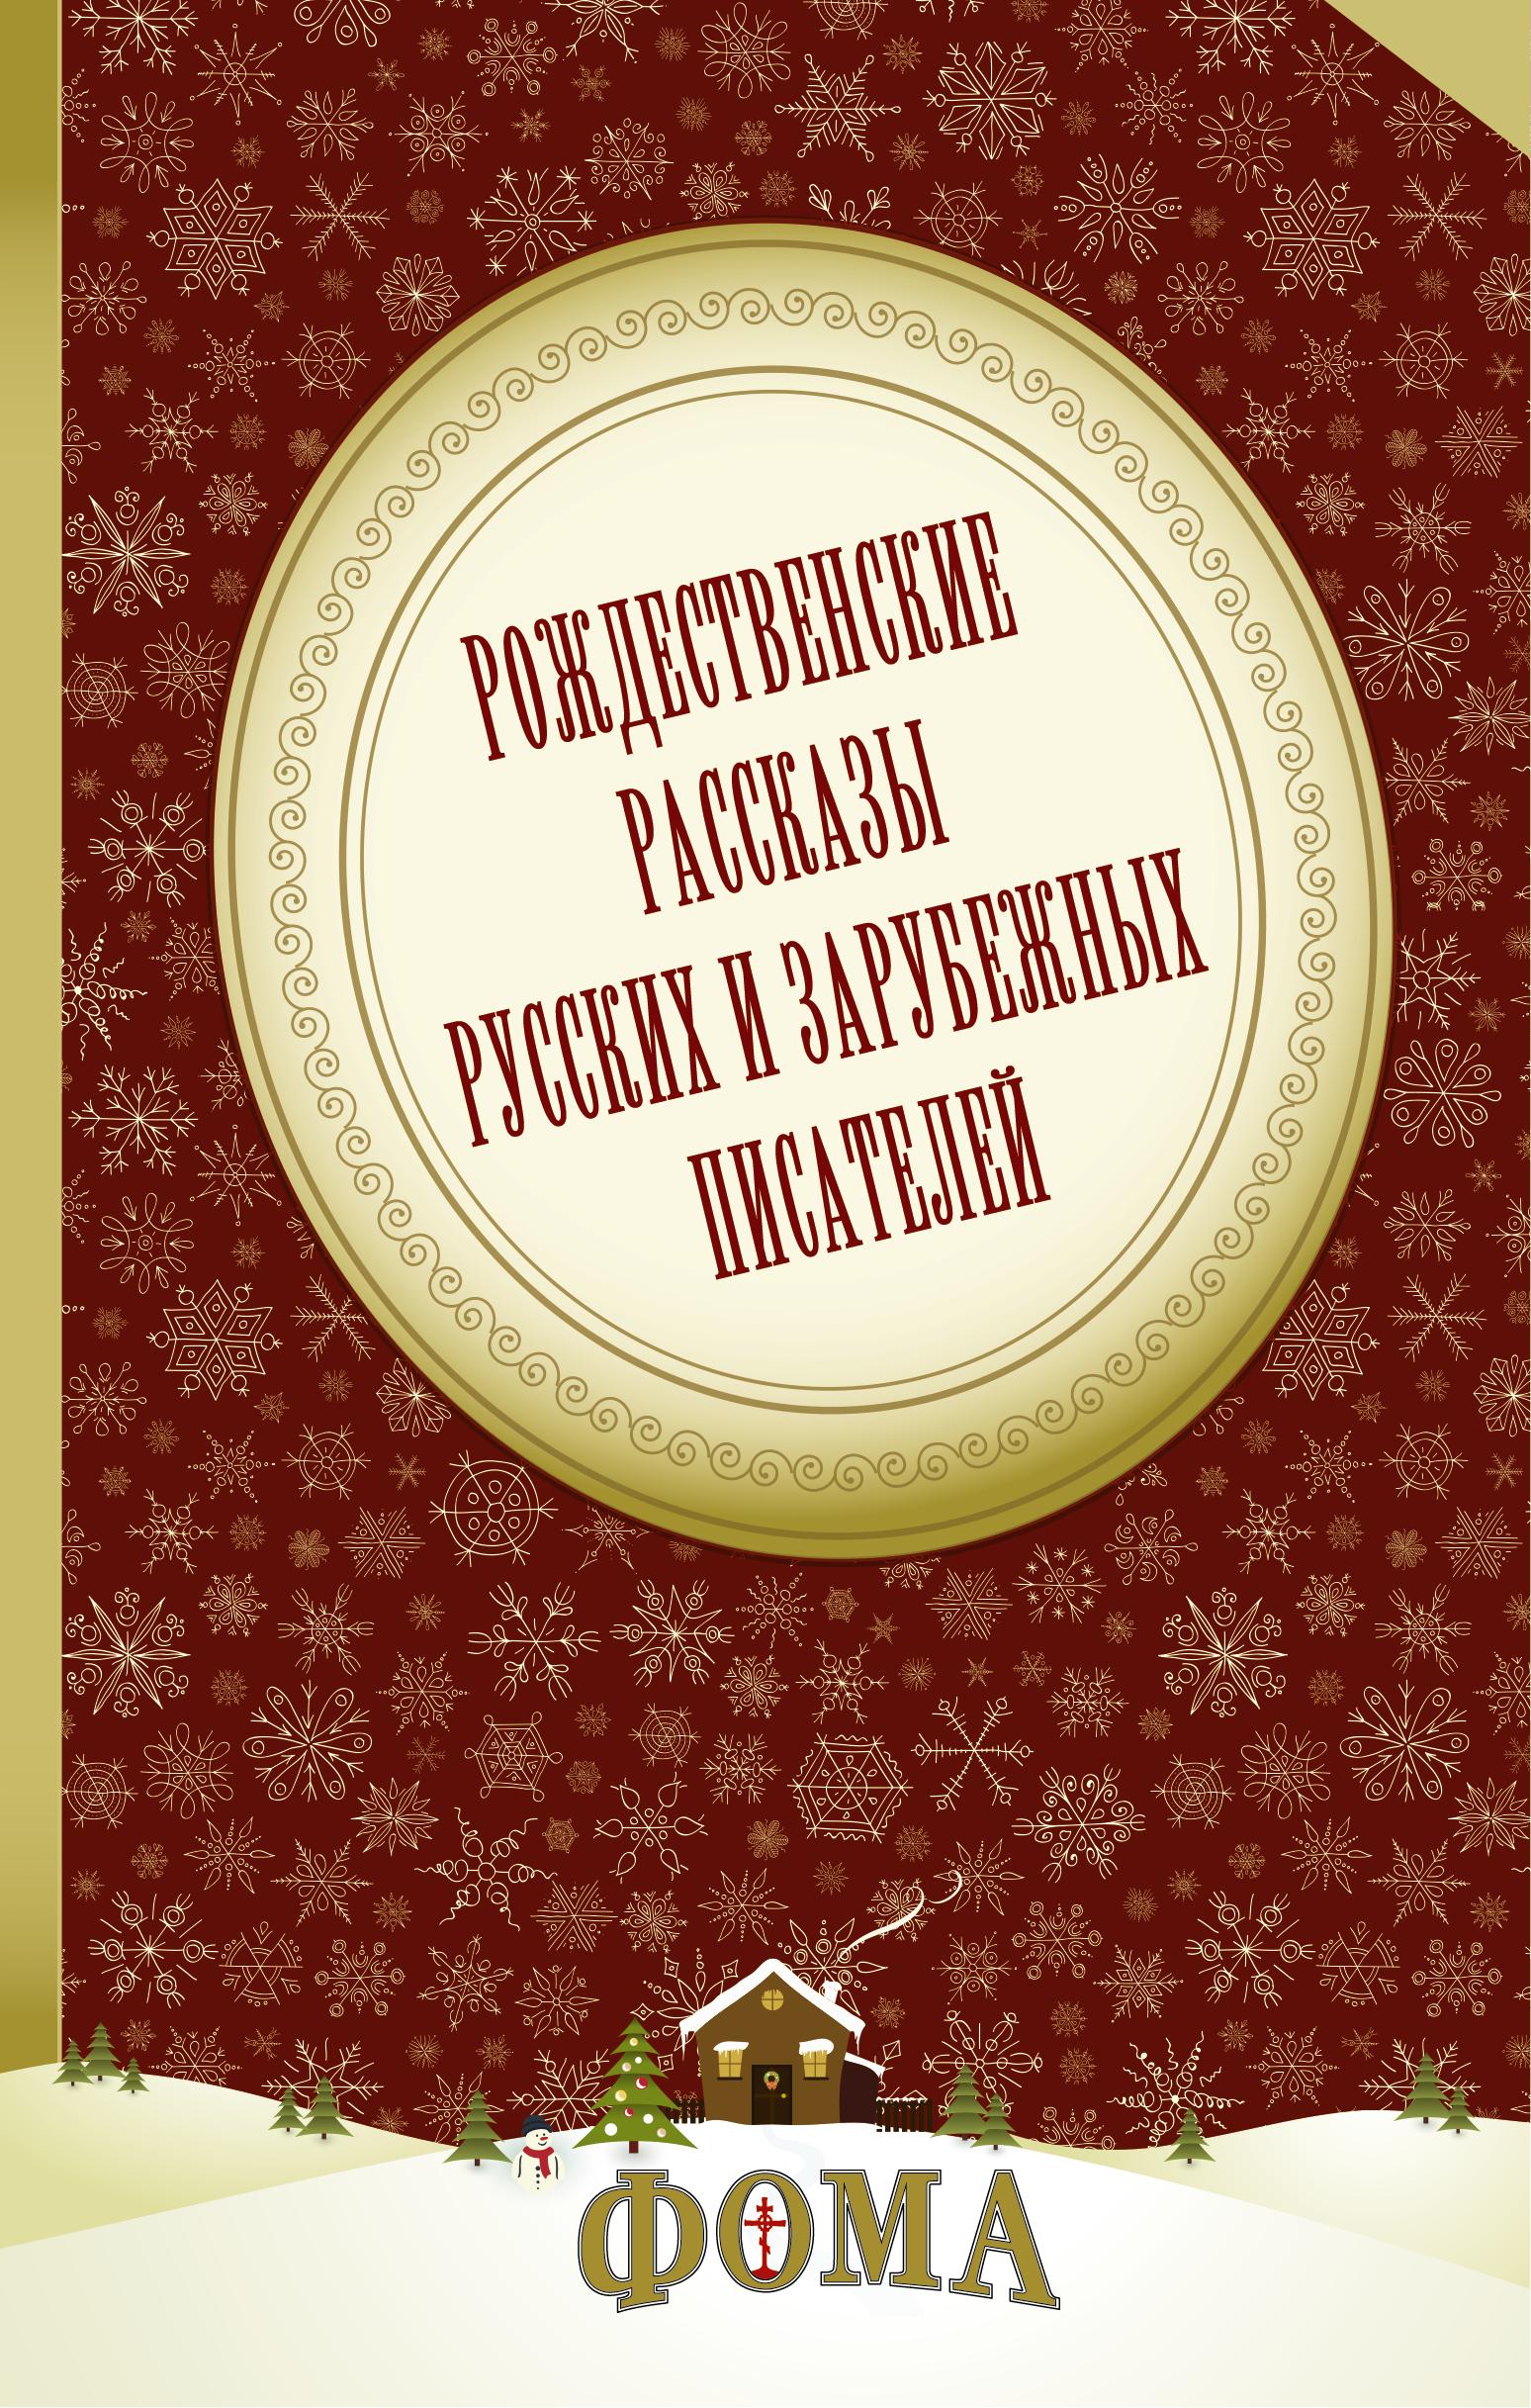 . Рождественские рассказы русских и зарубежных писателей пасхальное чудо рассказы русских писателей